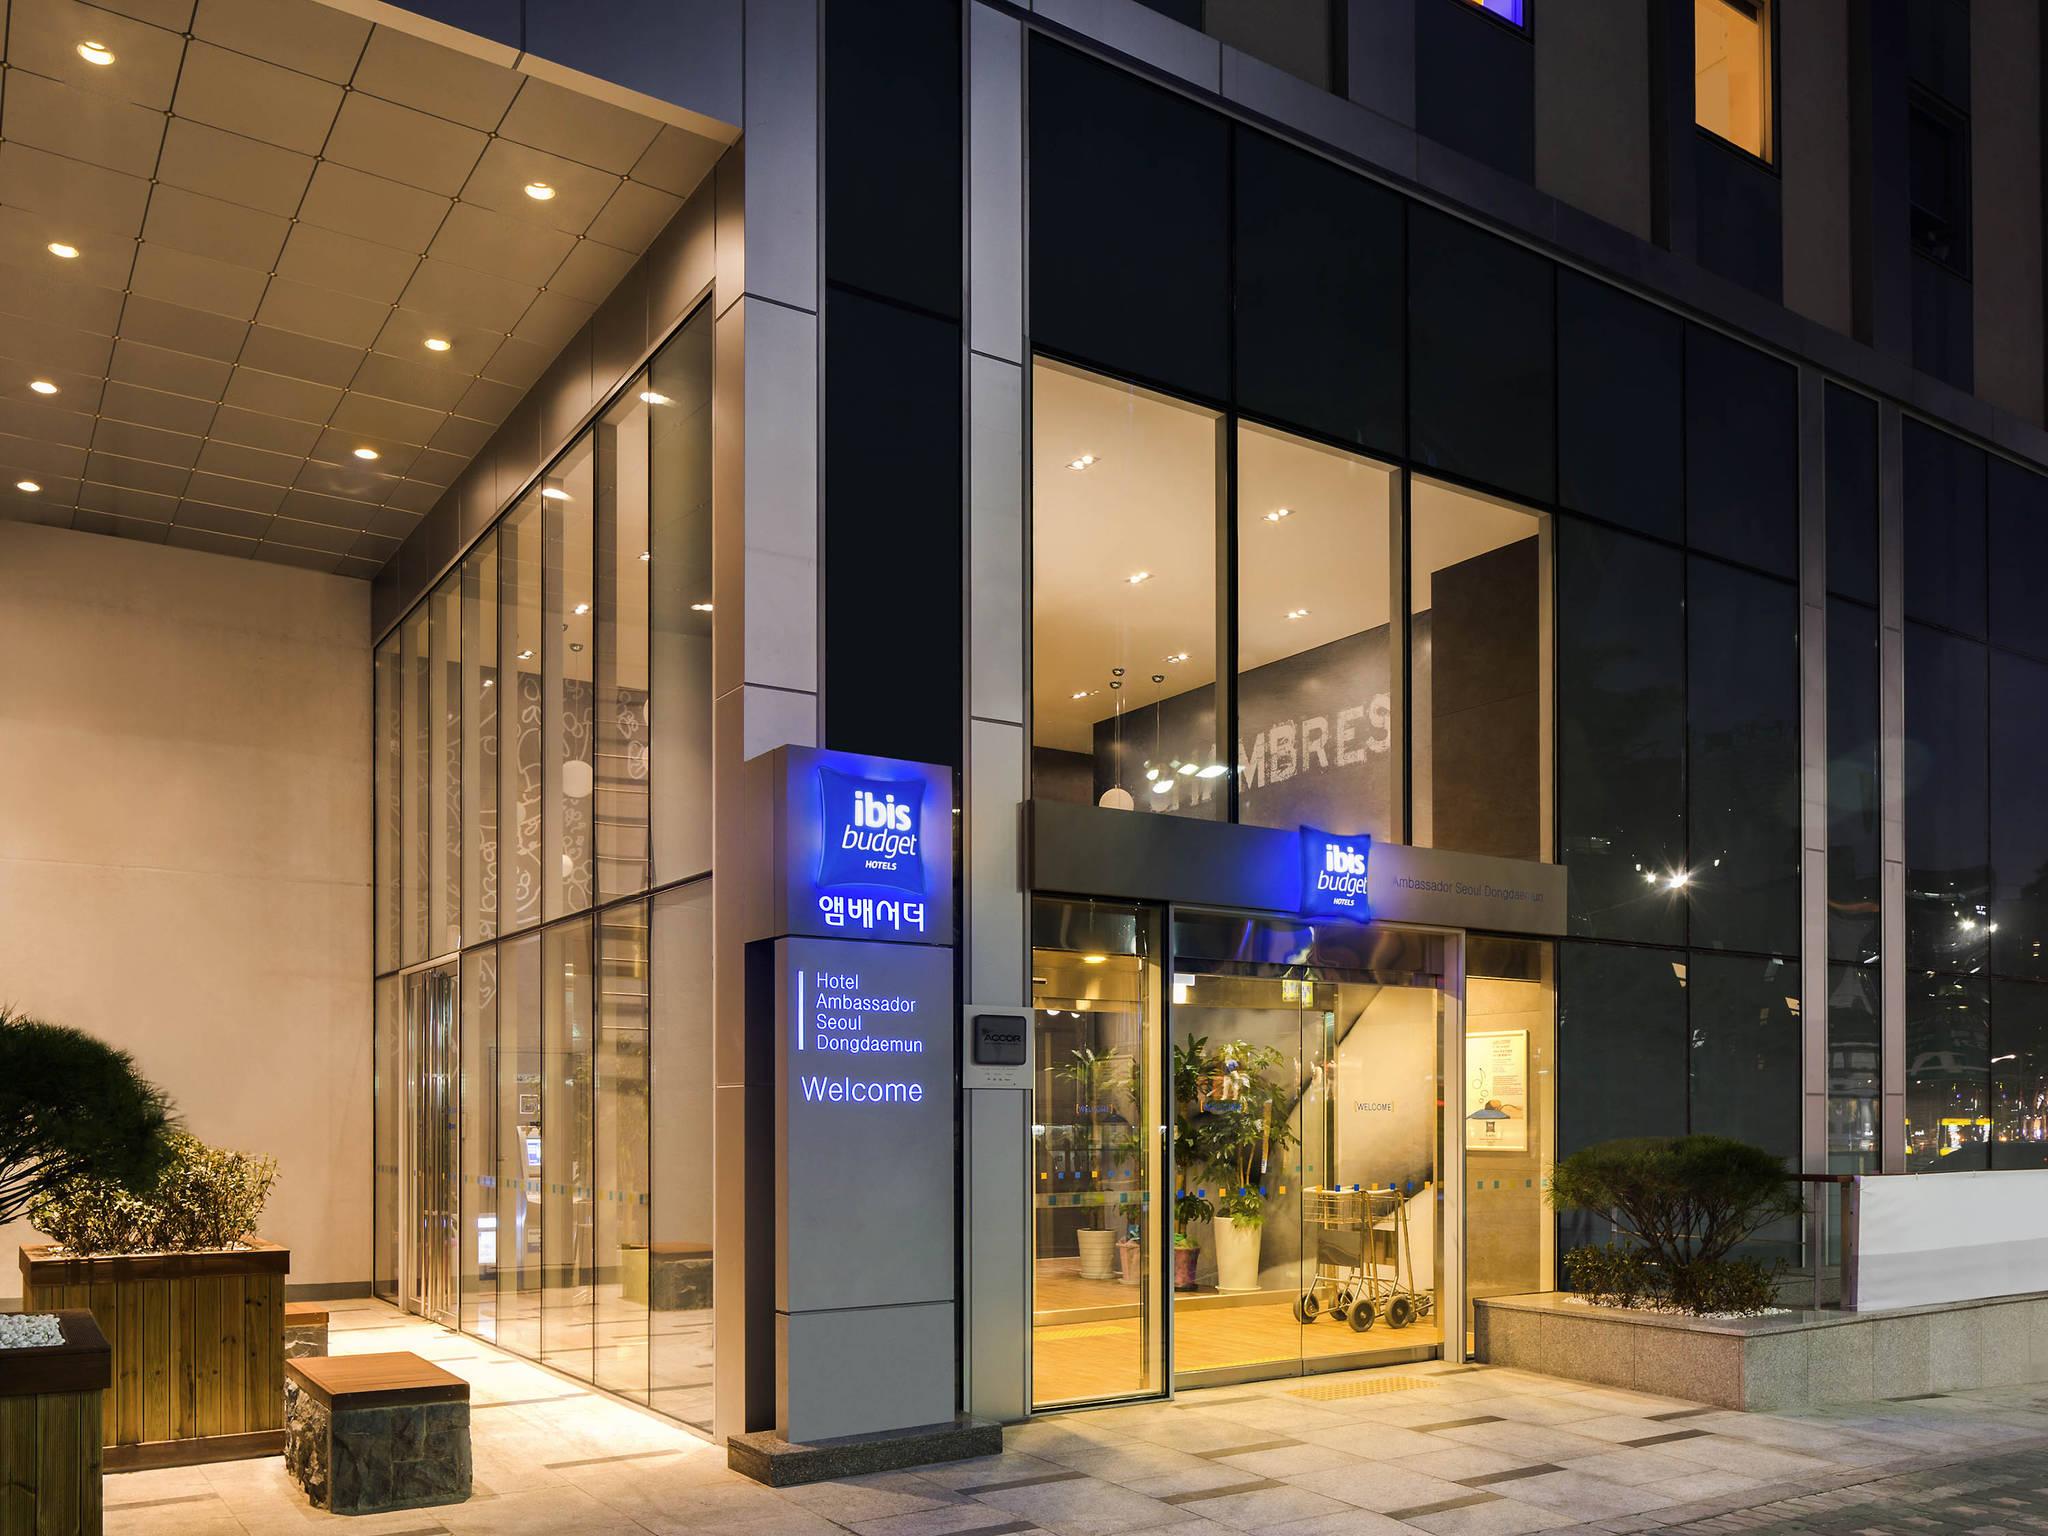 Otel – ibis budget Ambassador Seoul Dongdaemun